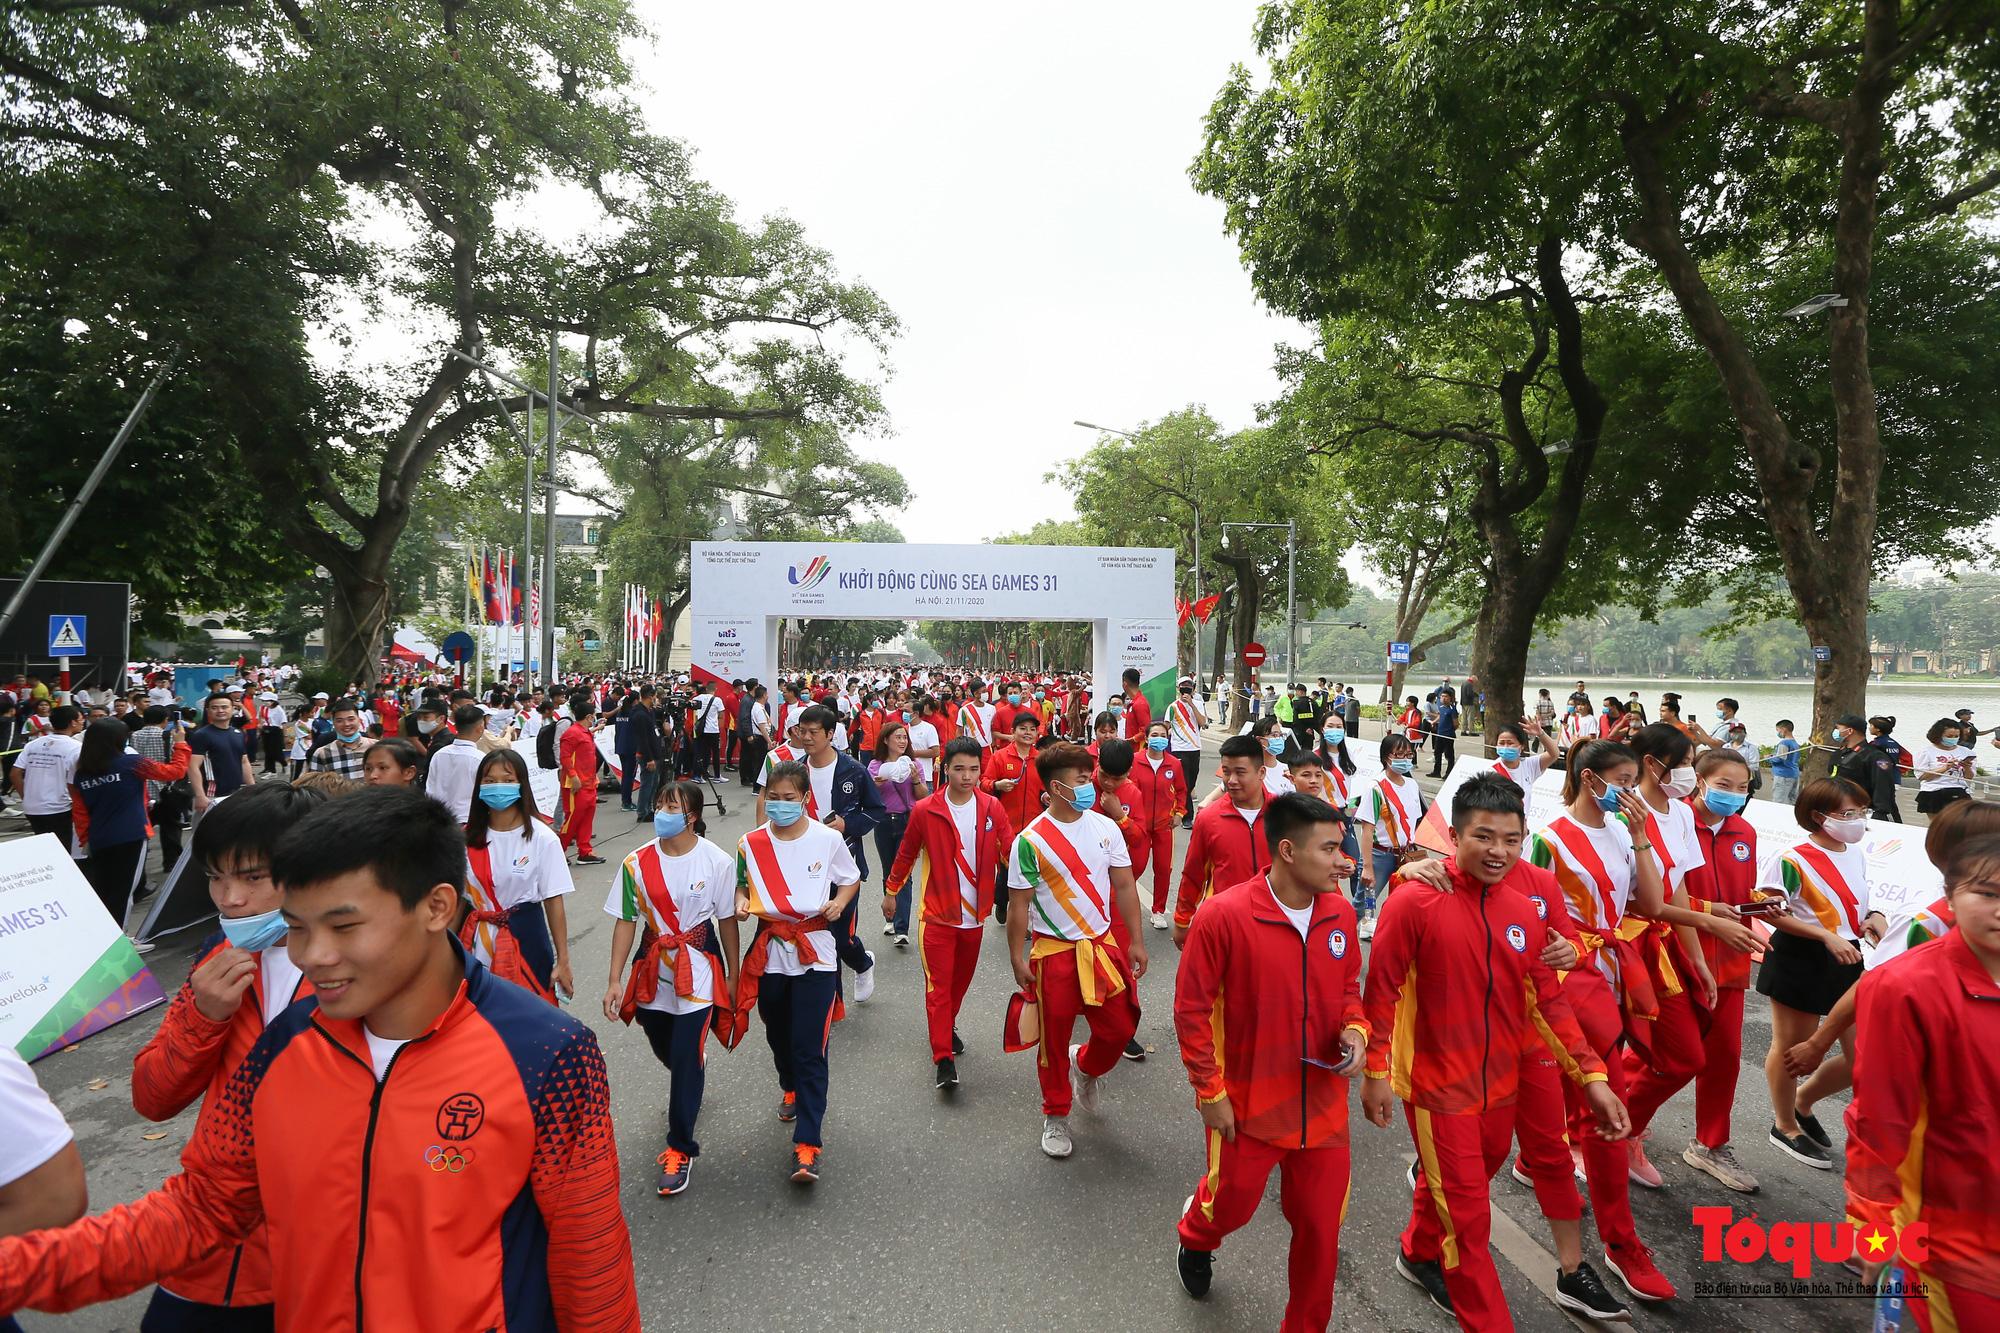 Khởi động cùng SEA Games 31 - Việt Nam sẵn sàng cho Đại hội thể thao lớn nhất Đông Nam Á  - Ảnh 12.